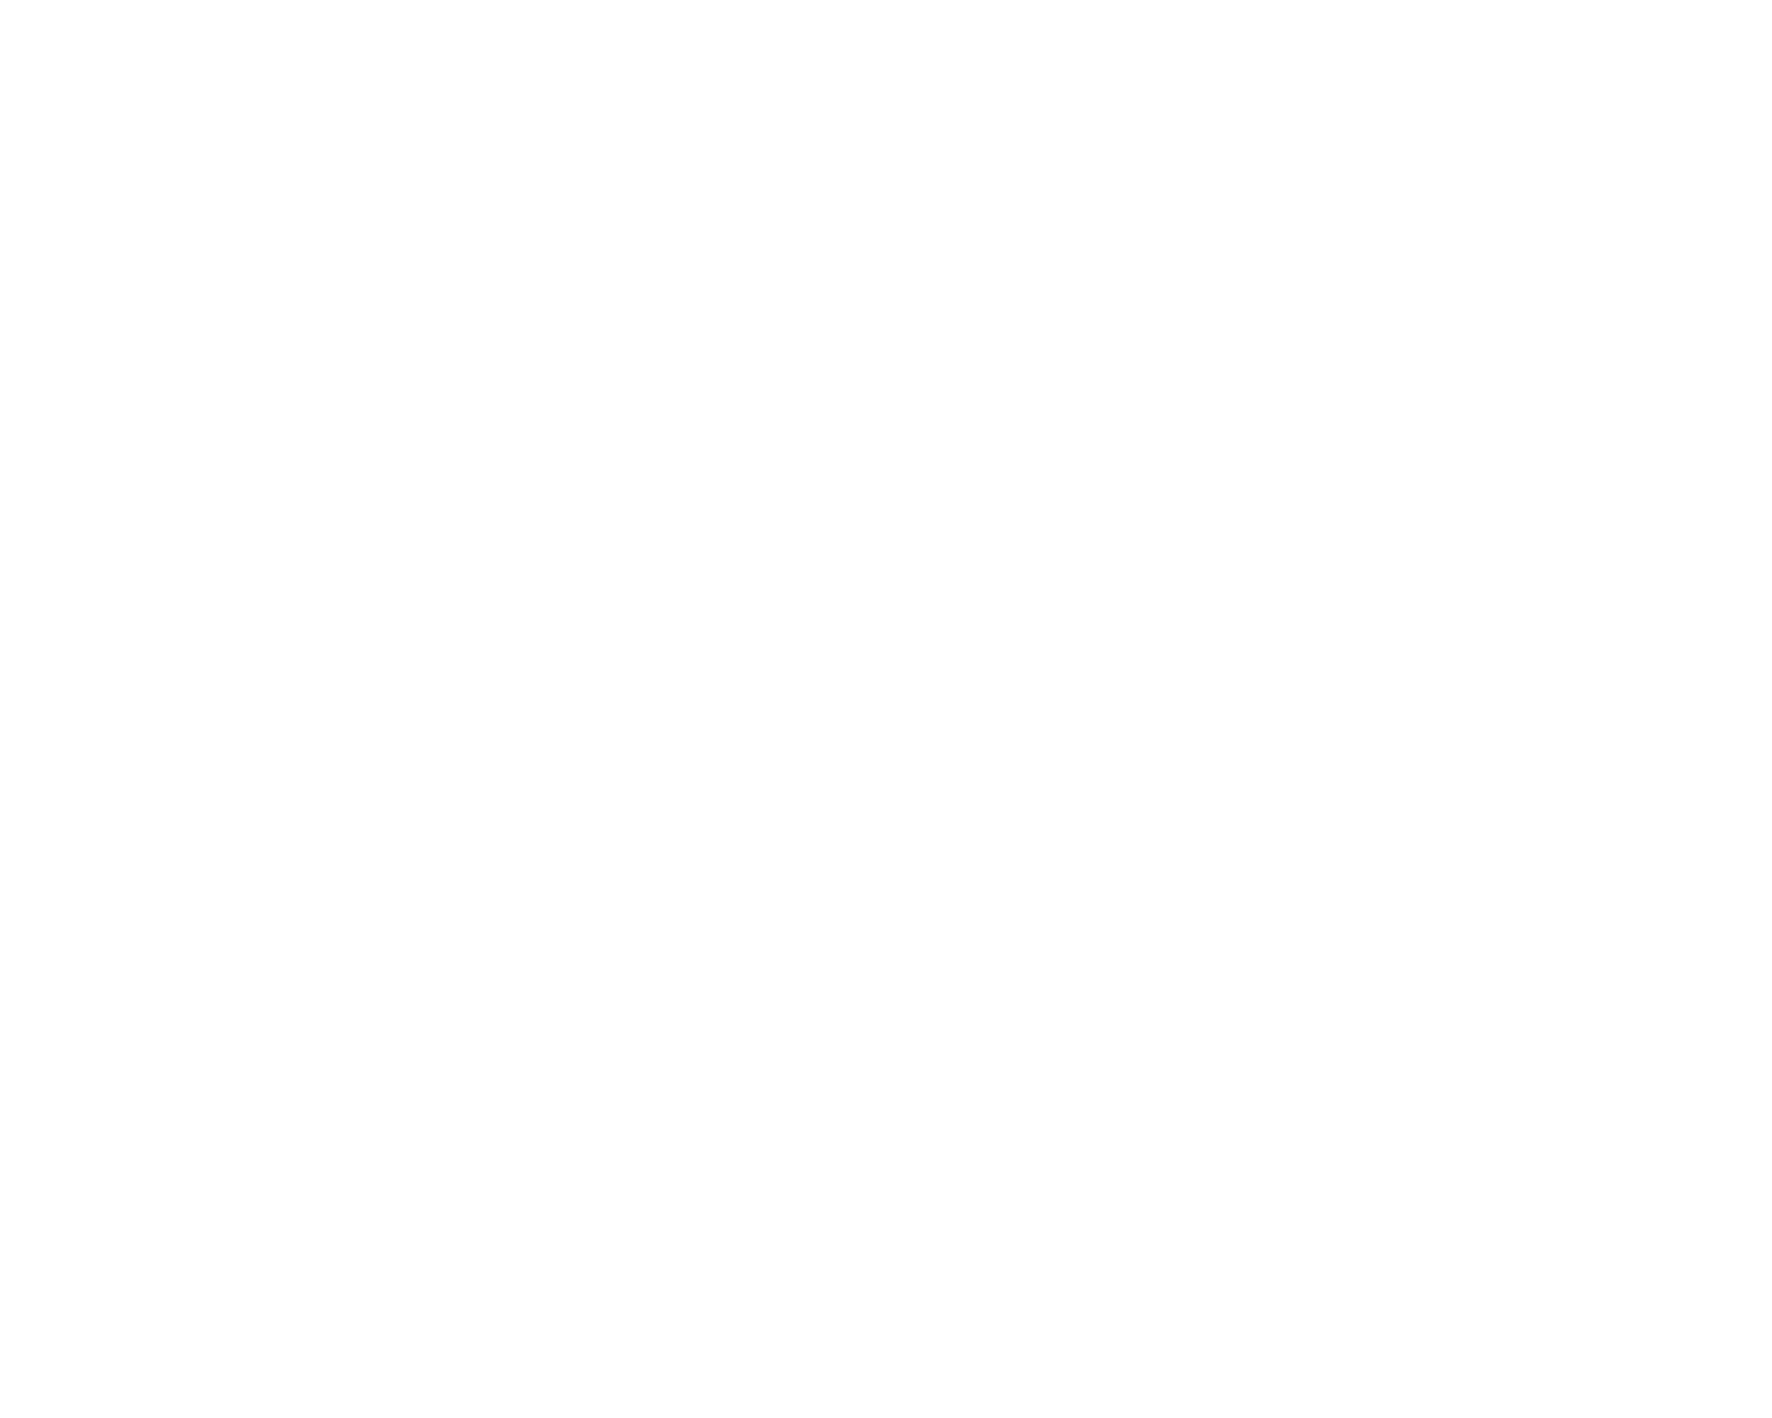 ismercosur